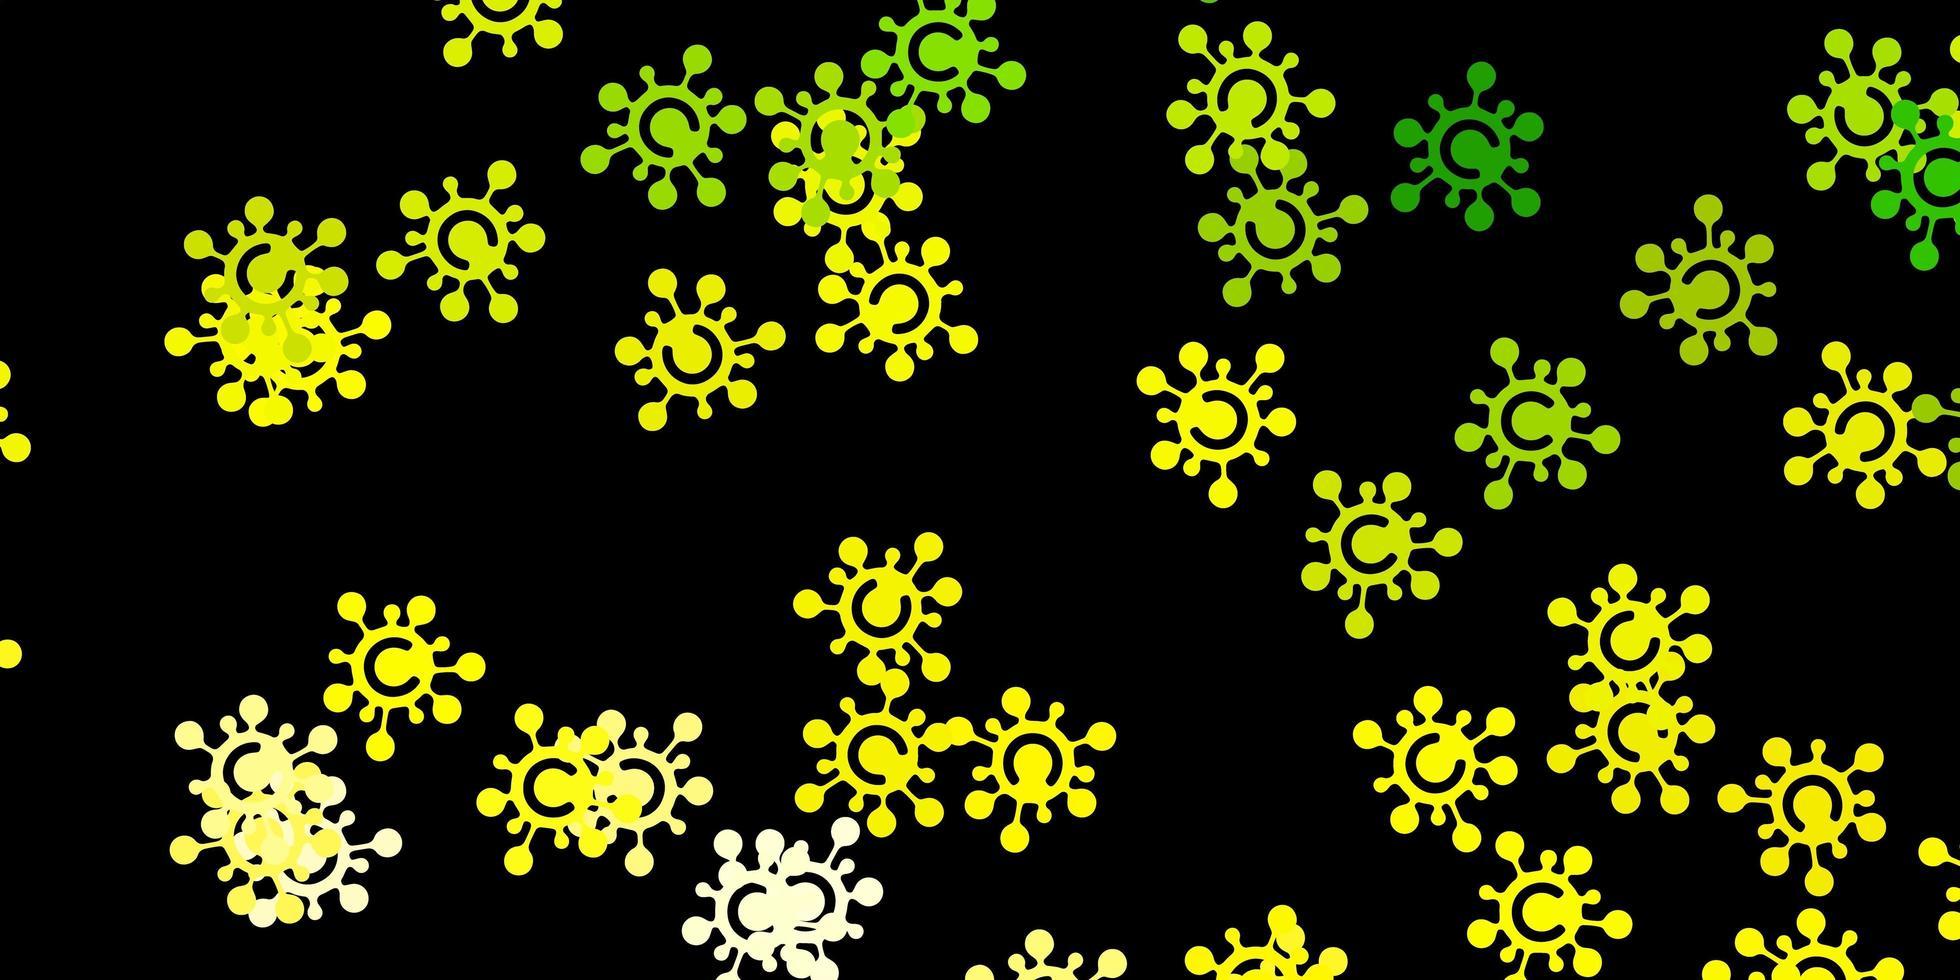 pano de fundo verde e amarelo com símbolos de vírus. vetor